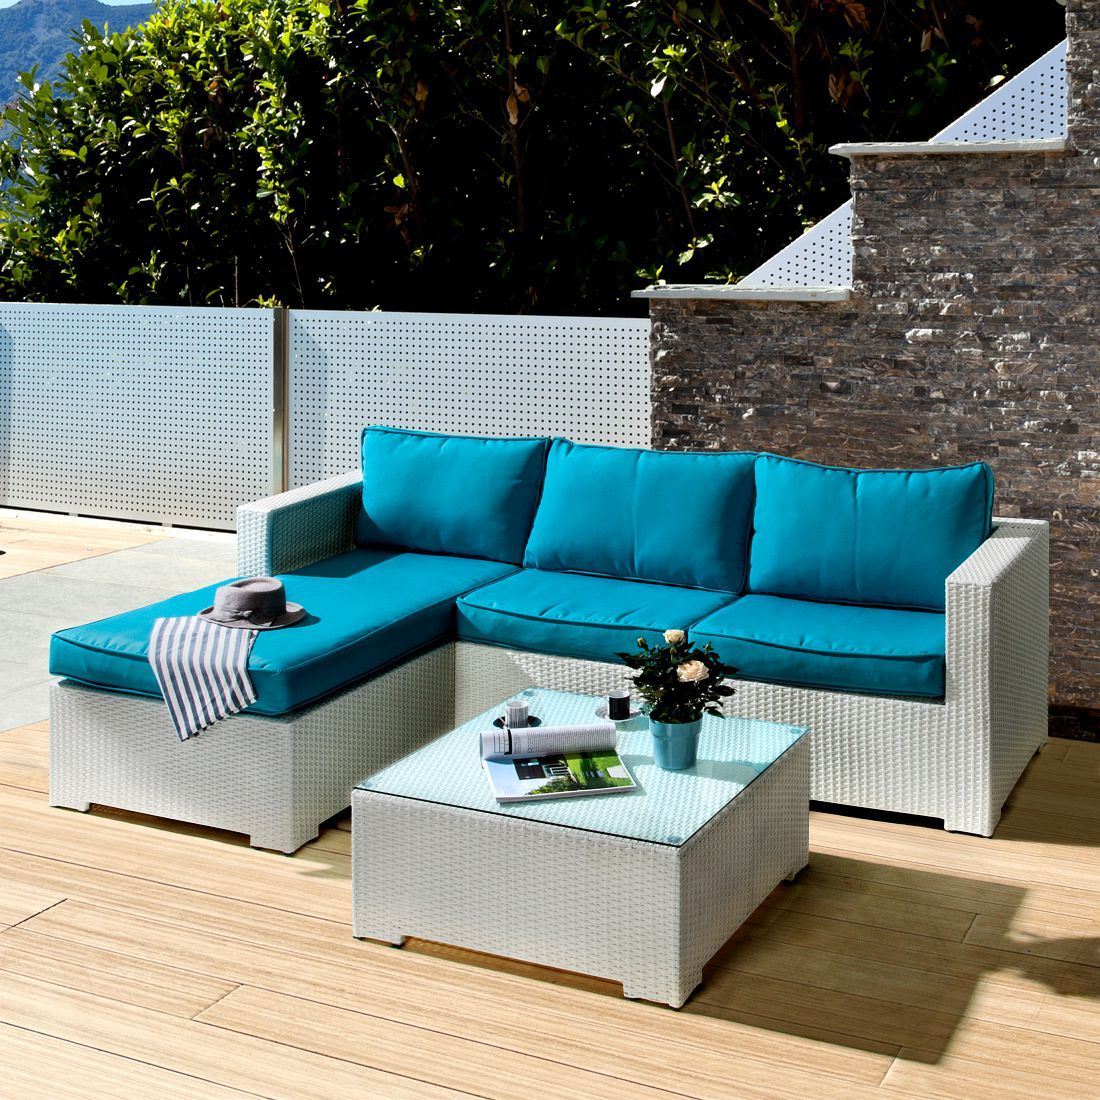 Deinen Garten Gunstig Und Schick Mit Gartenmobel Sets Von Fredriks Einrichten Home24 Gartenmobel Sets Sitzgruppe Gartenmobel